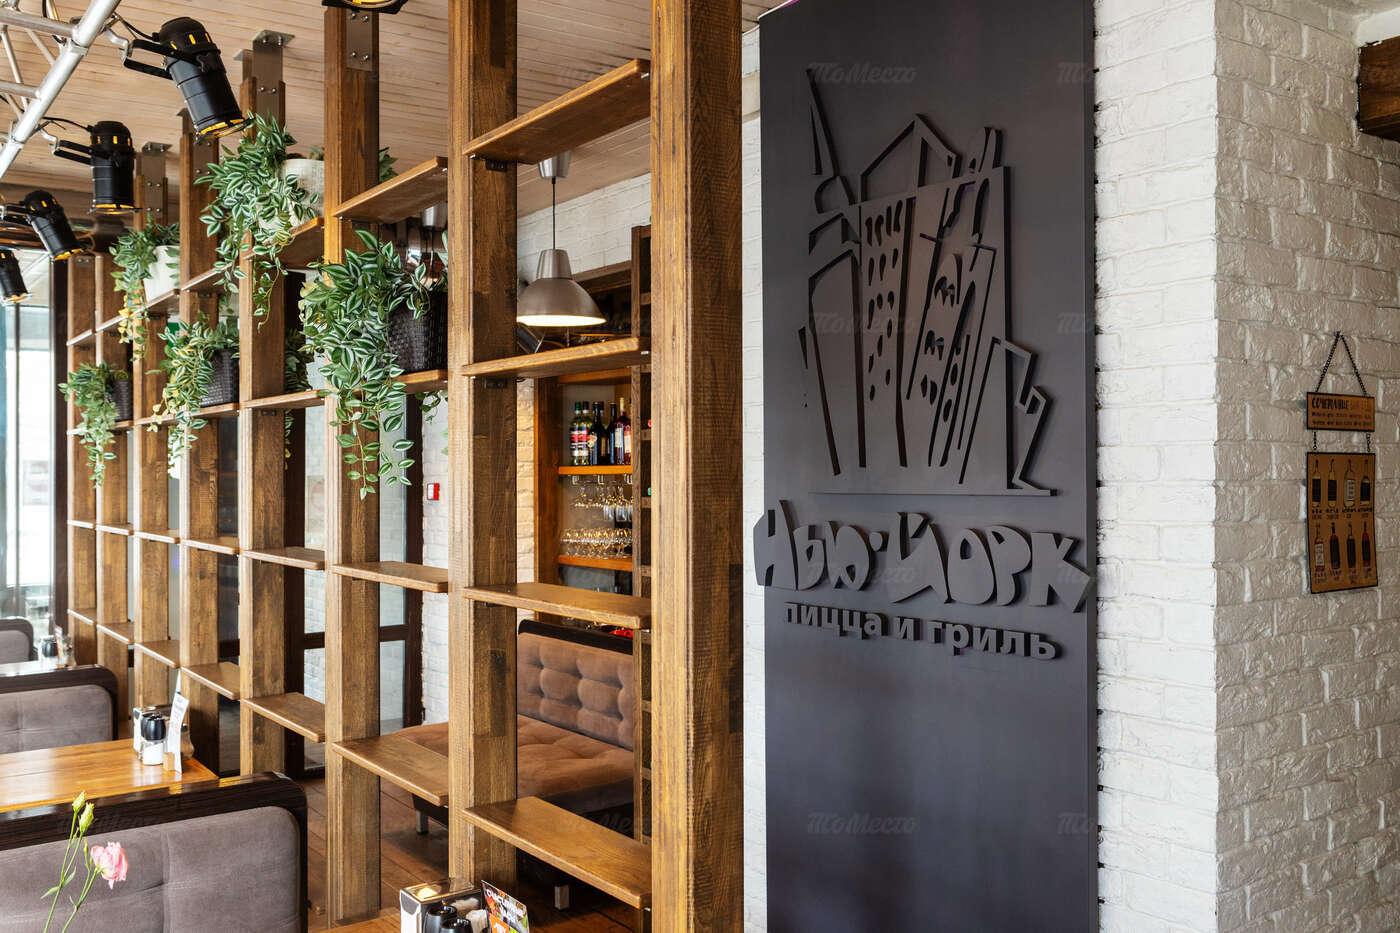 Банкеты ресторана Нью-Йорк пицца и гриль на Суворовской улице фото 9